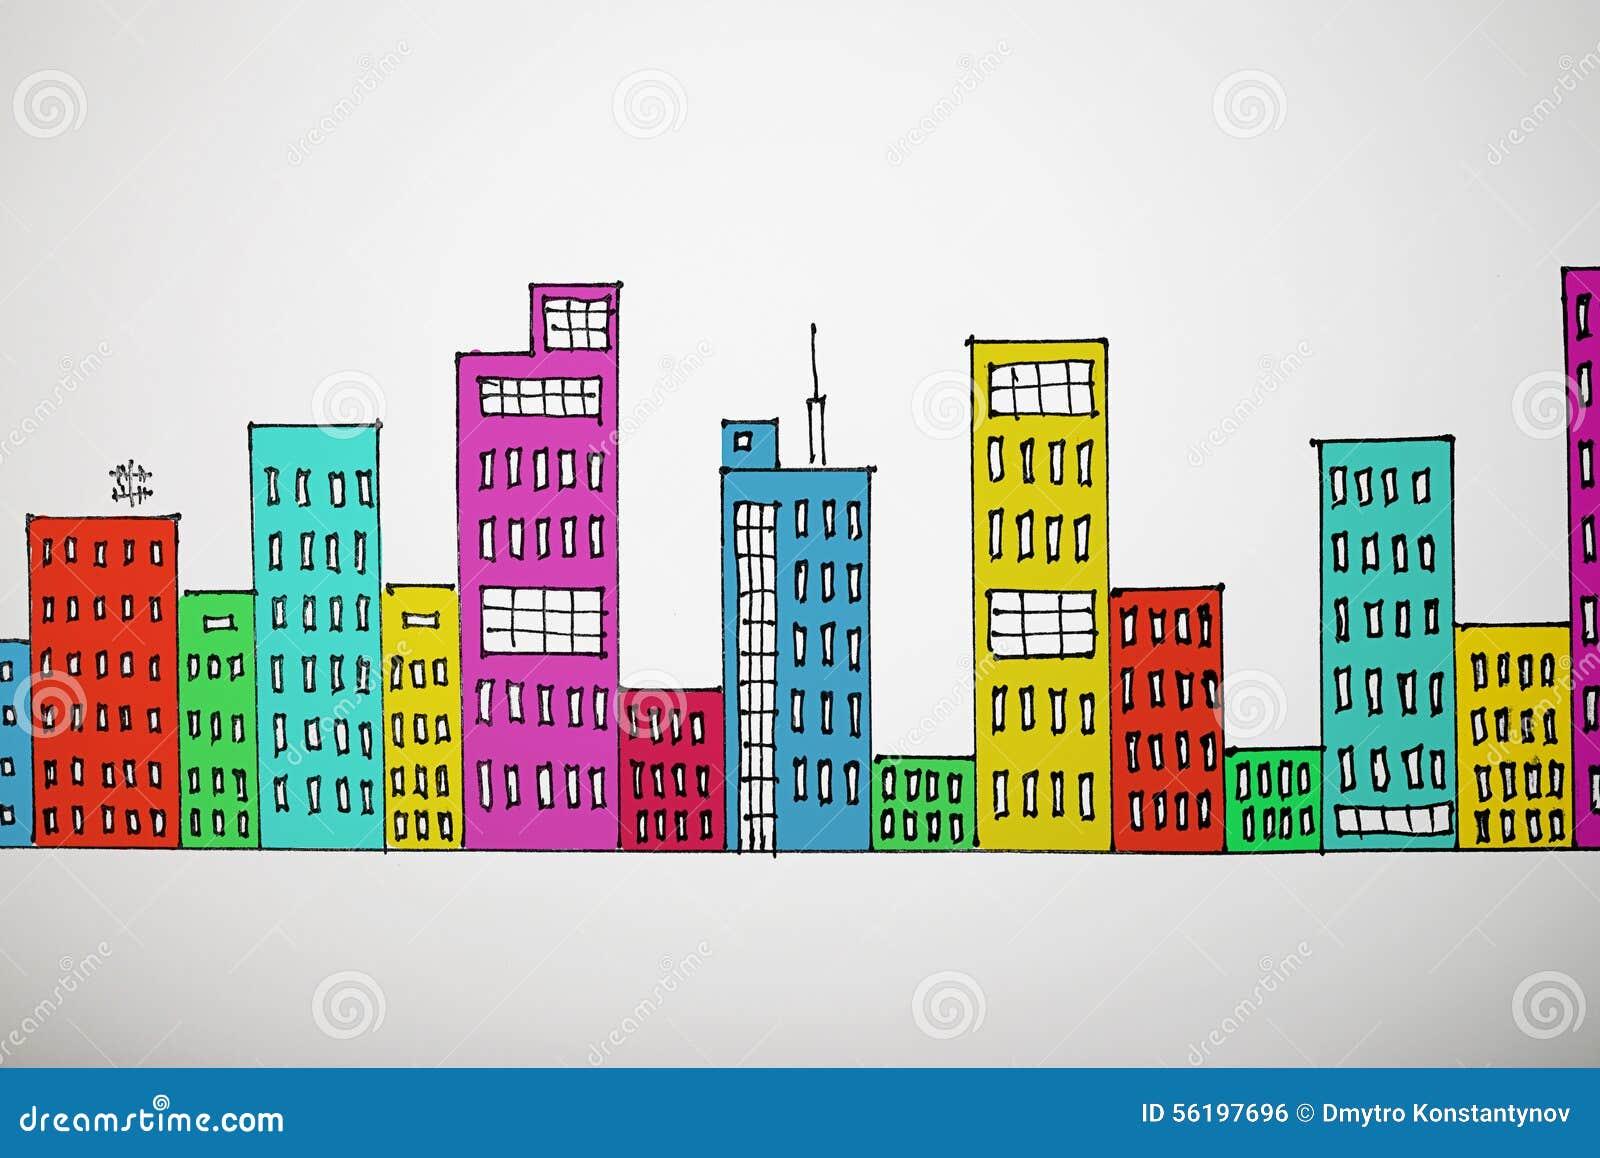 Viel-farbiges Zeichnungsstadtbild